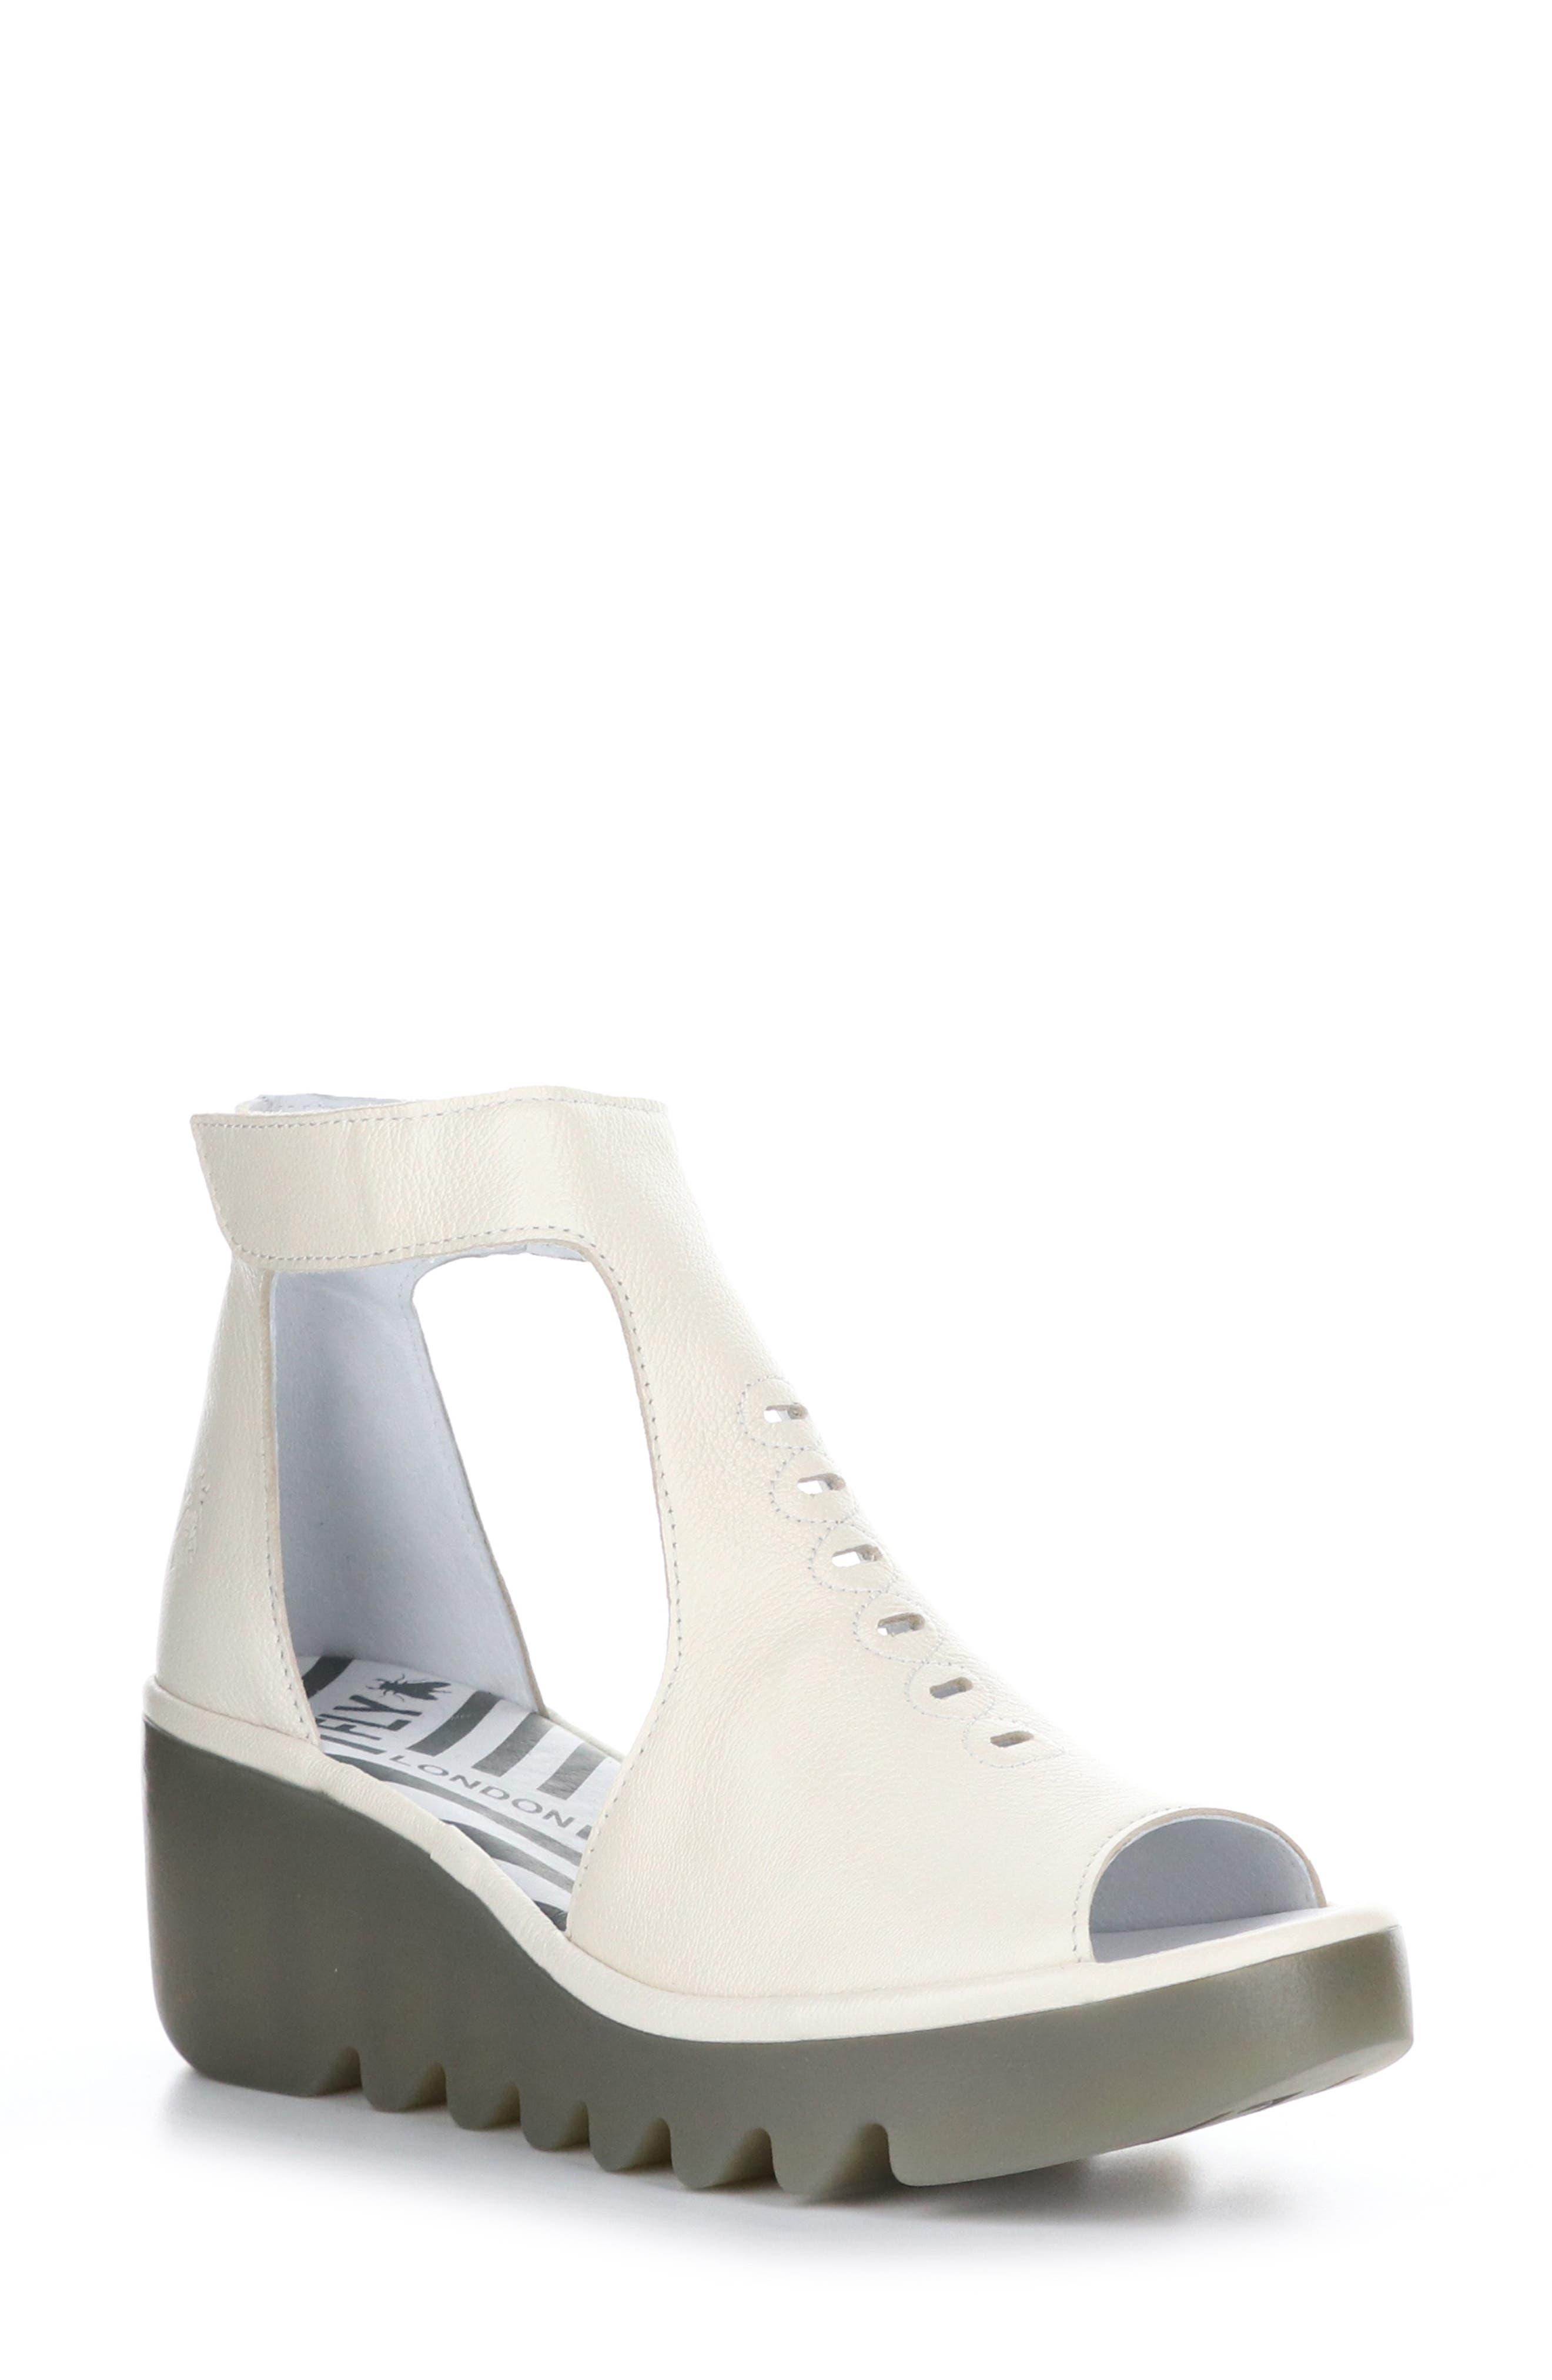 Bezo Wedge Sandal